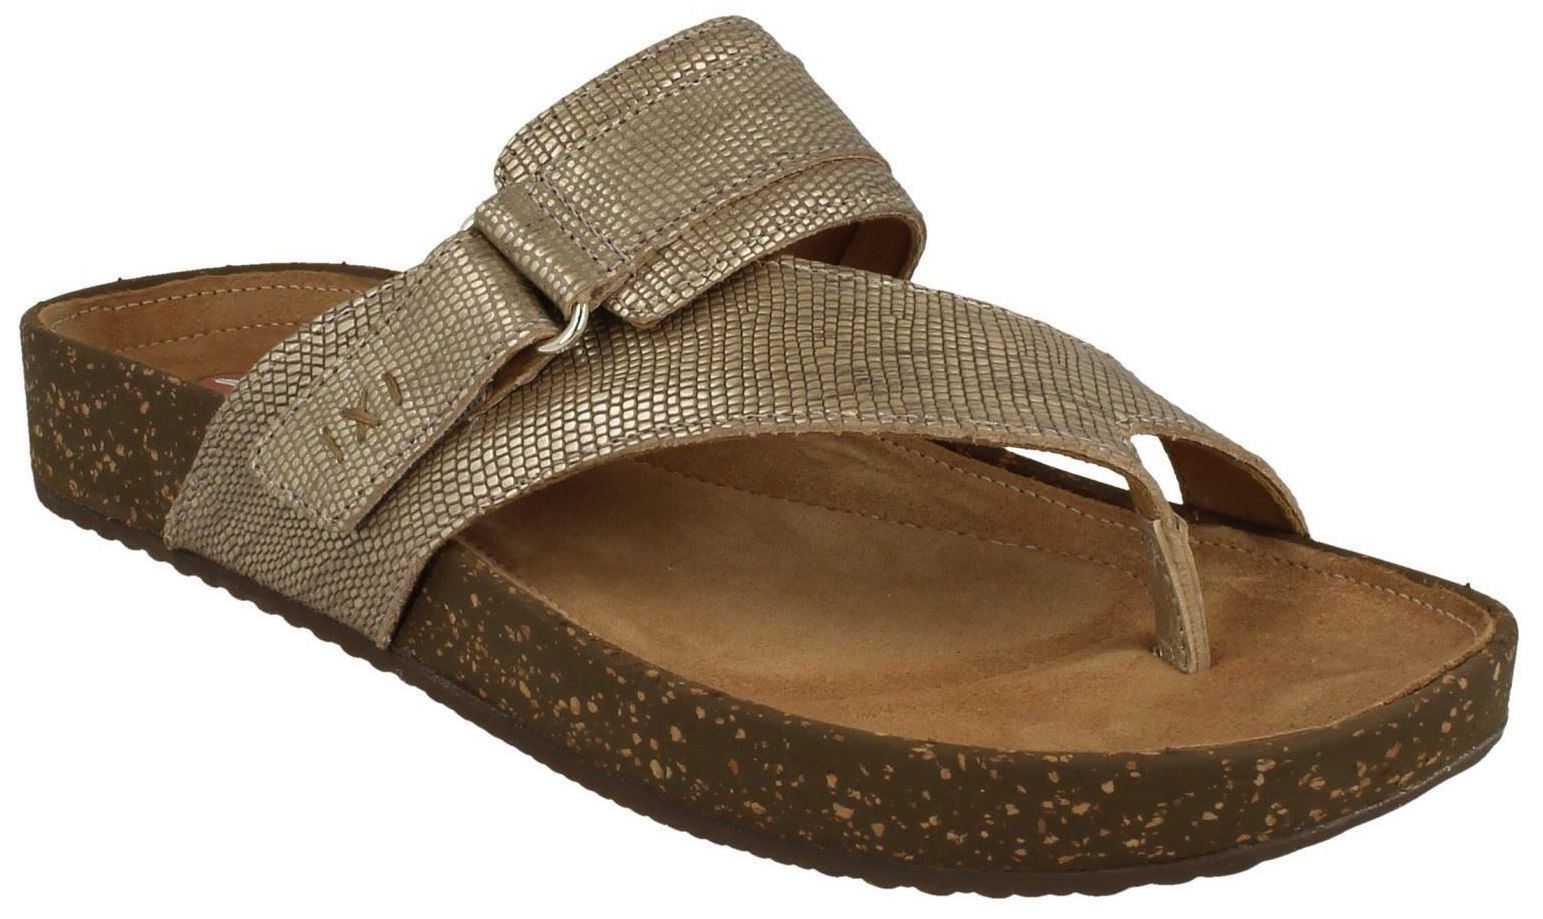 Womens Clarks Rosilla Durham gold Metallic Slide Sandals